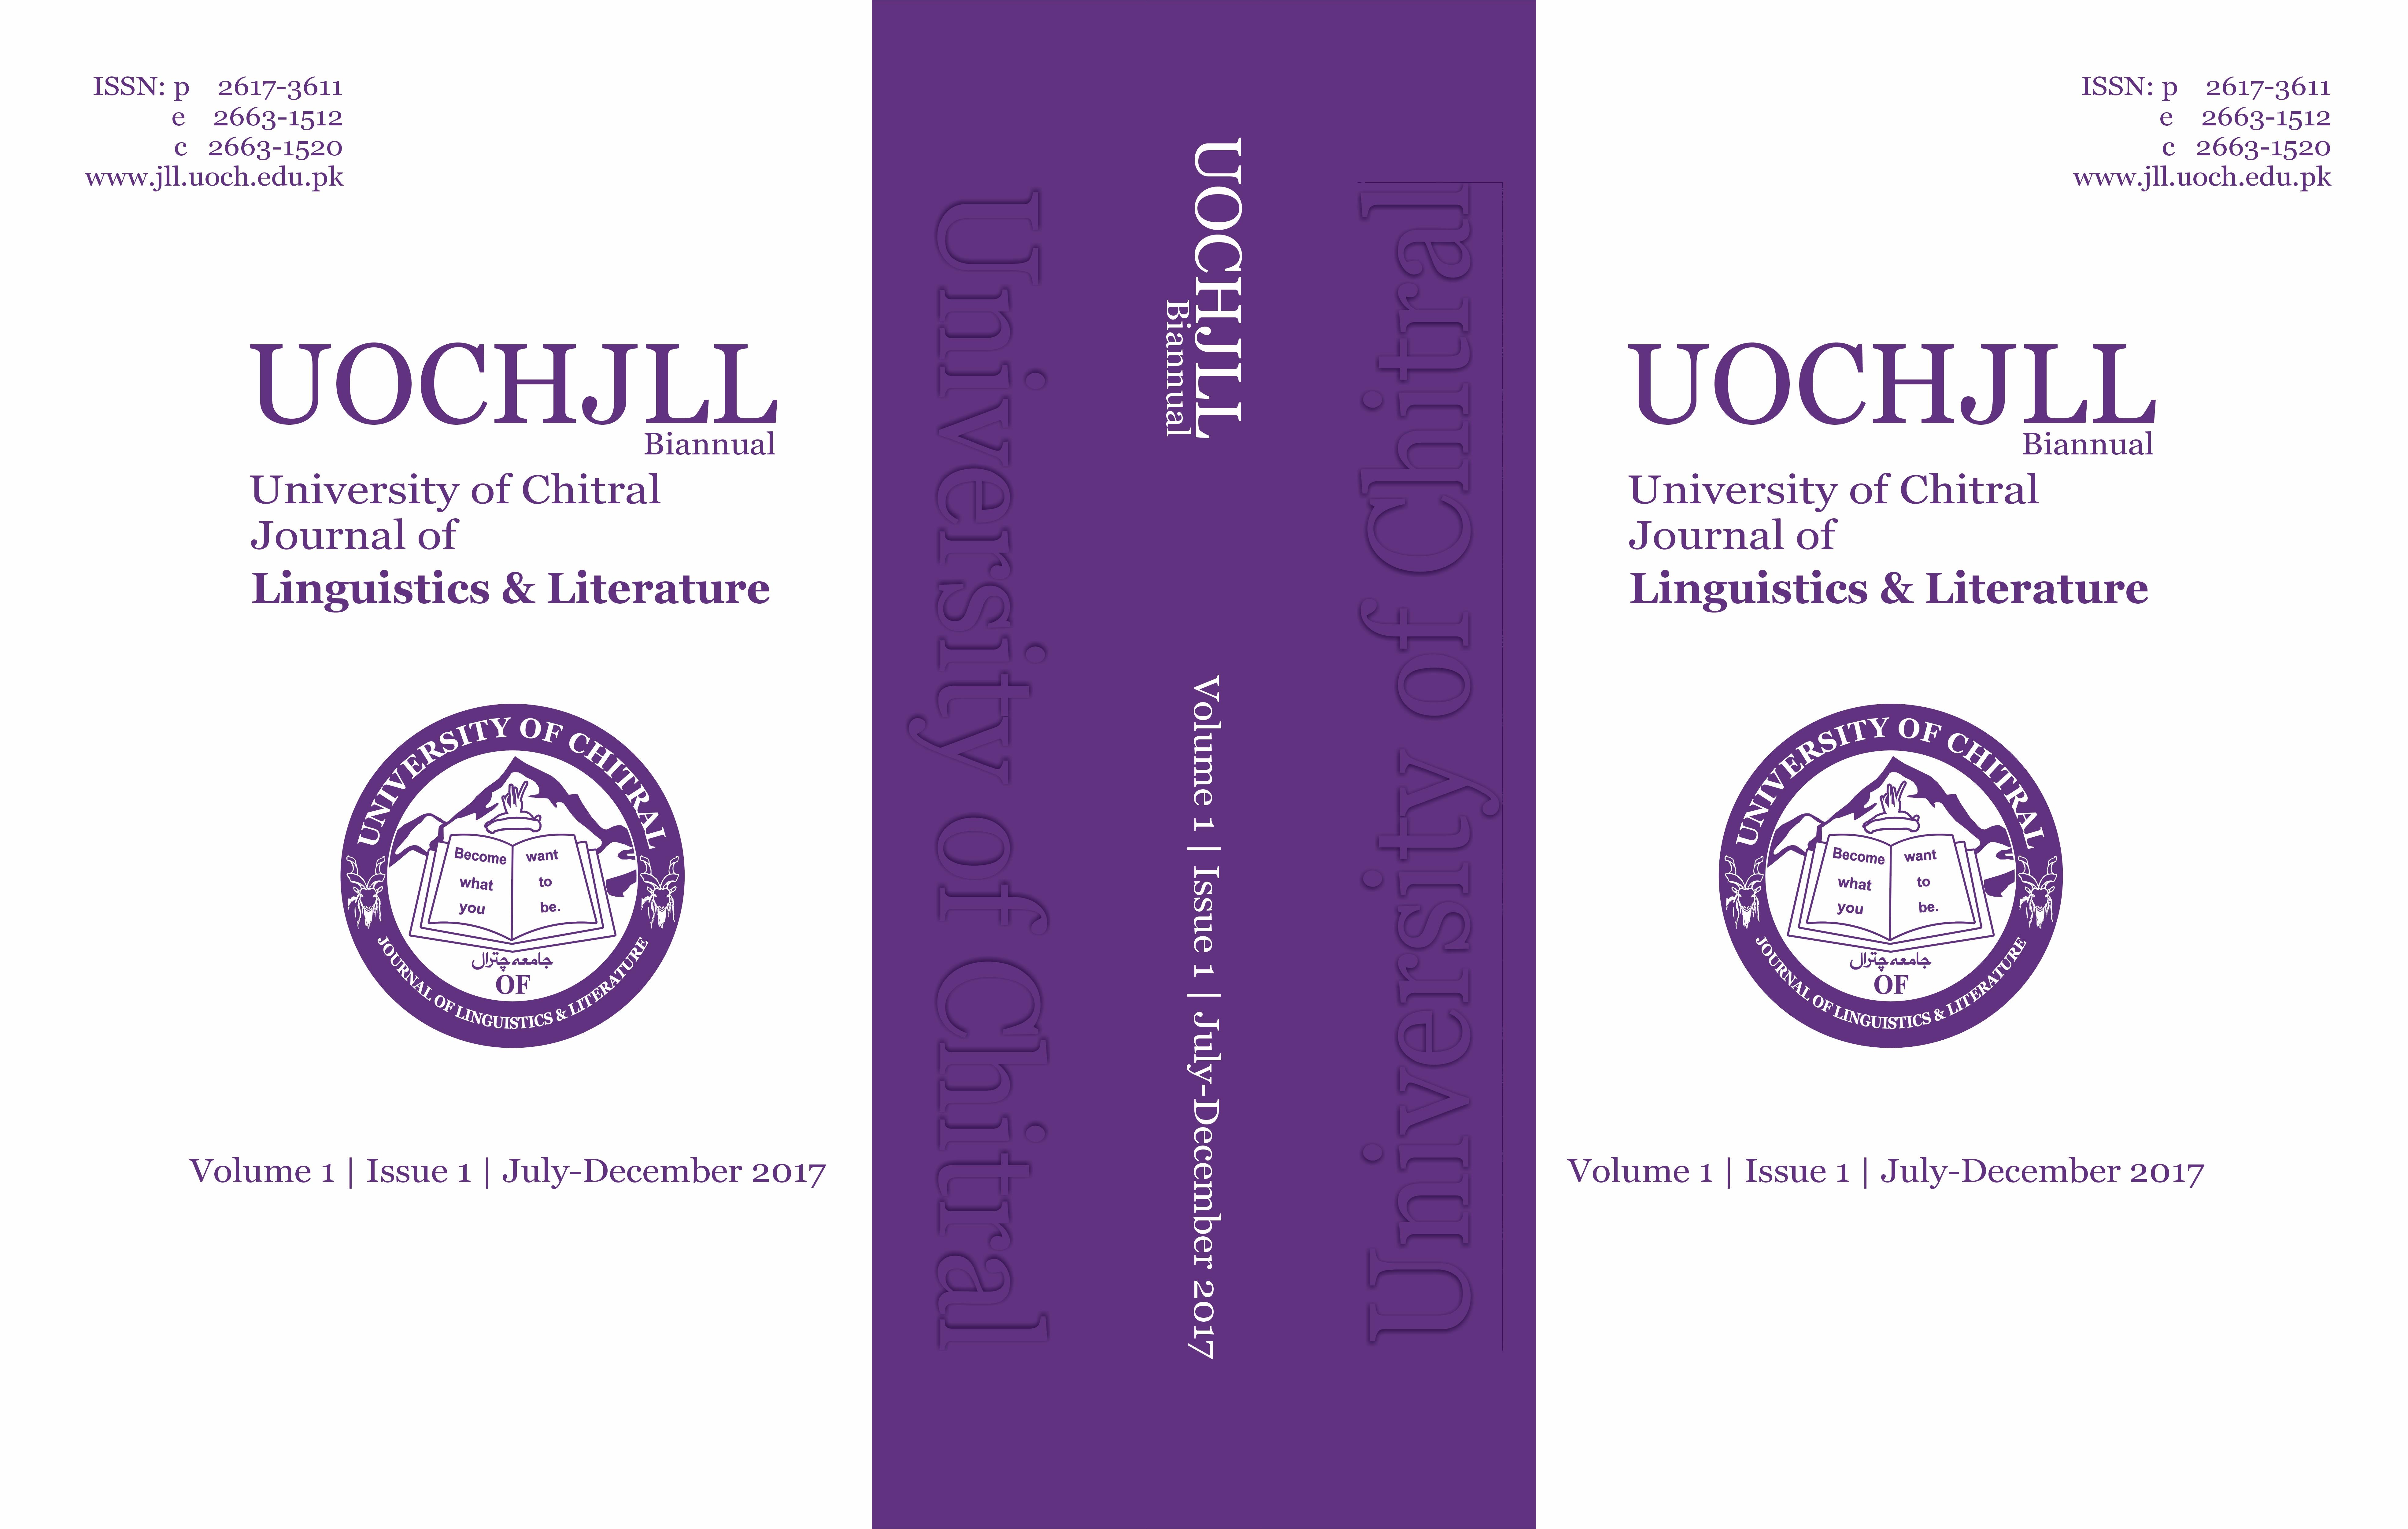 UOCHJLL Volum 1 | Issue I| 2017